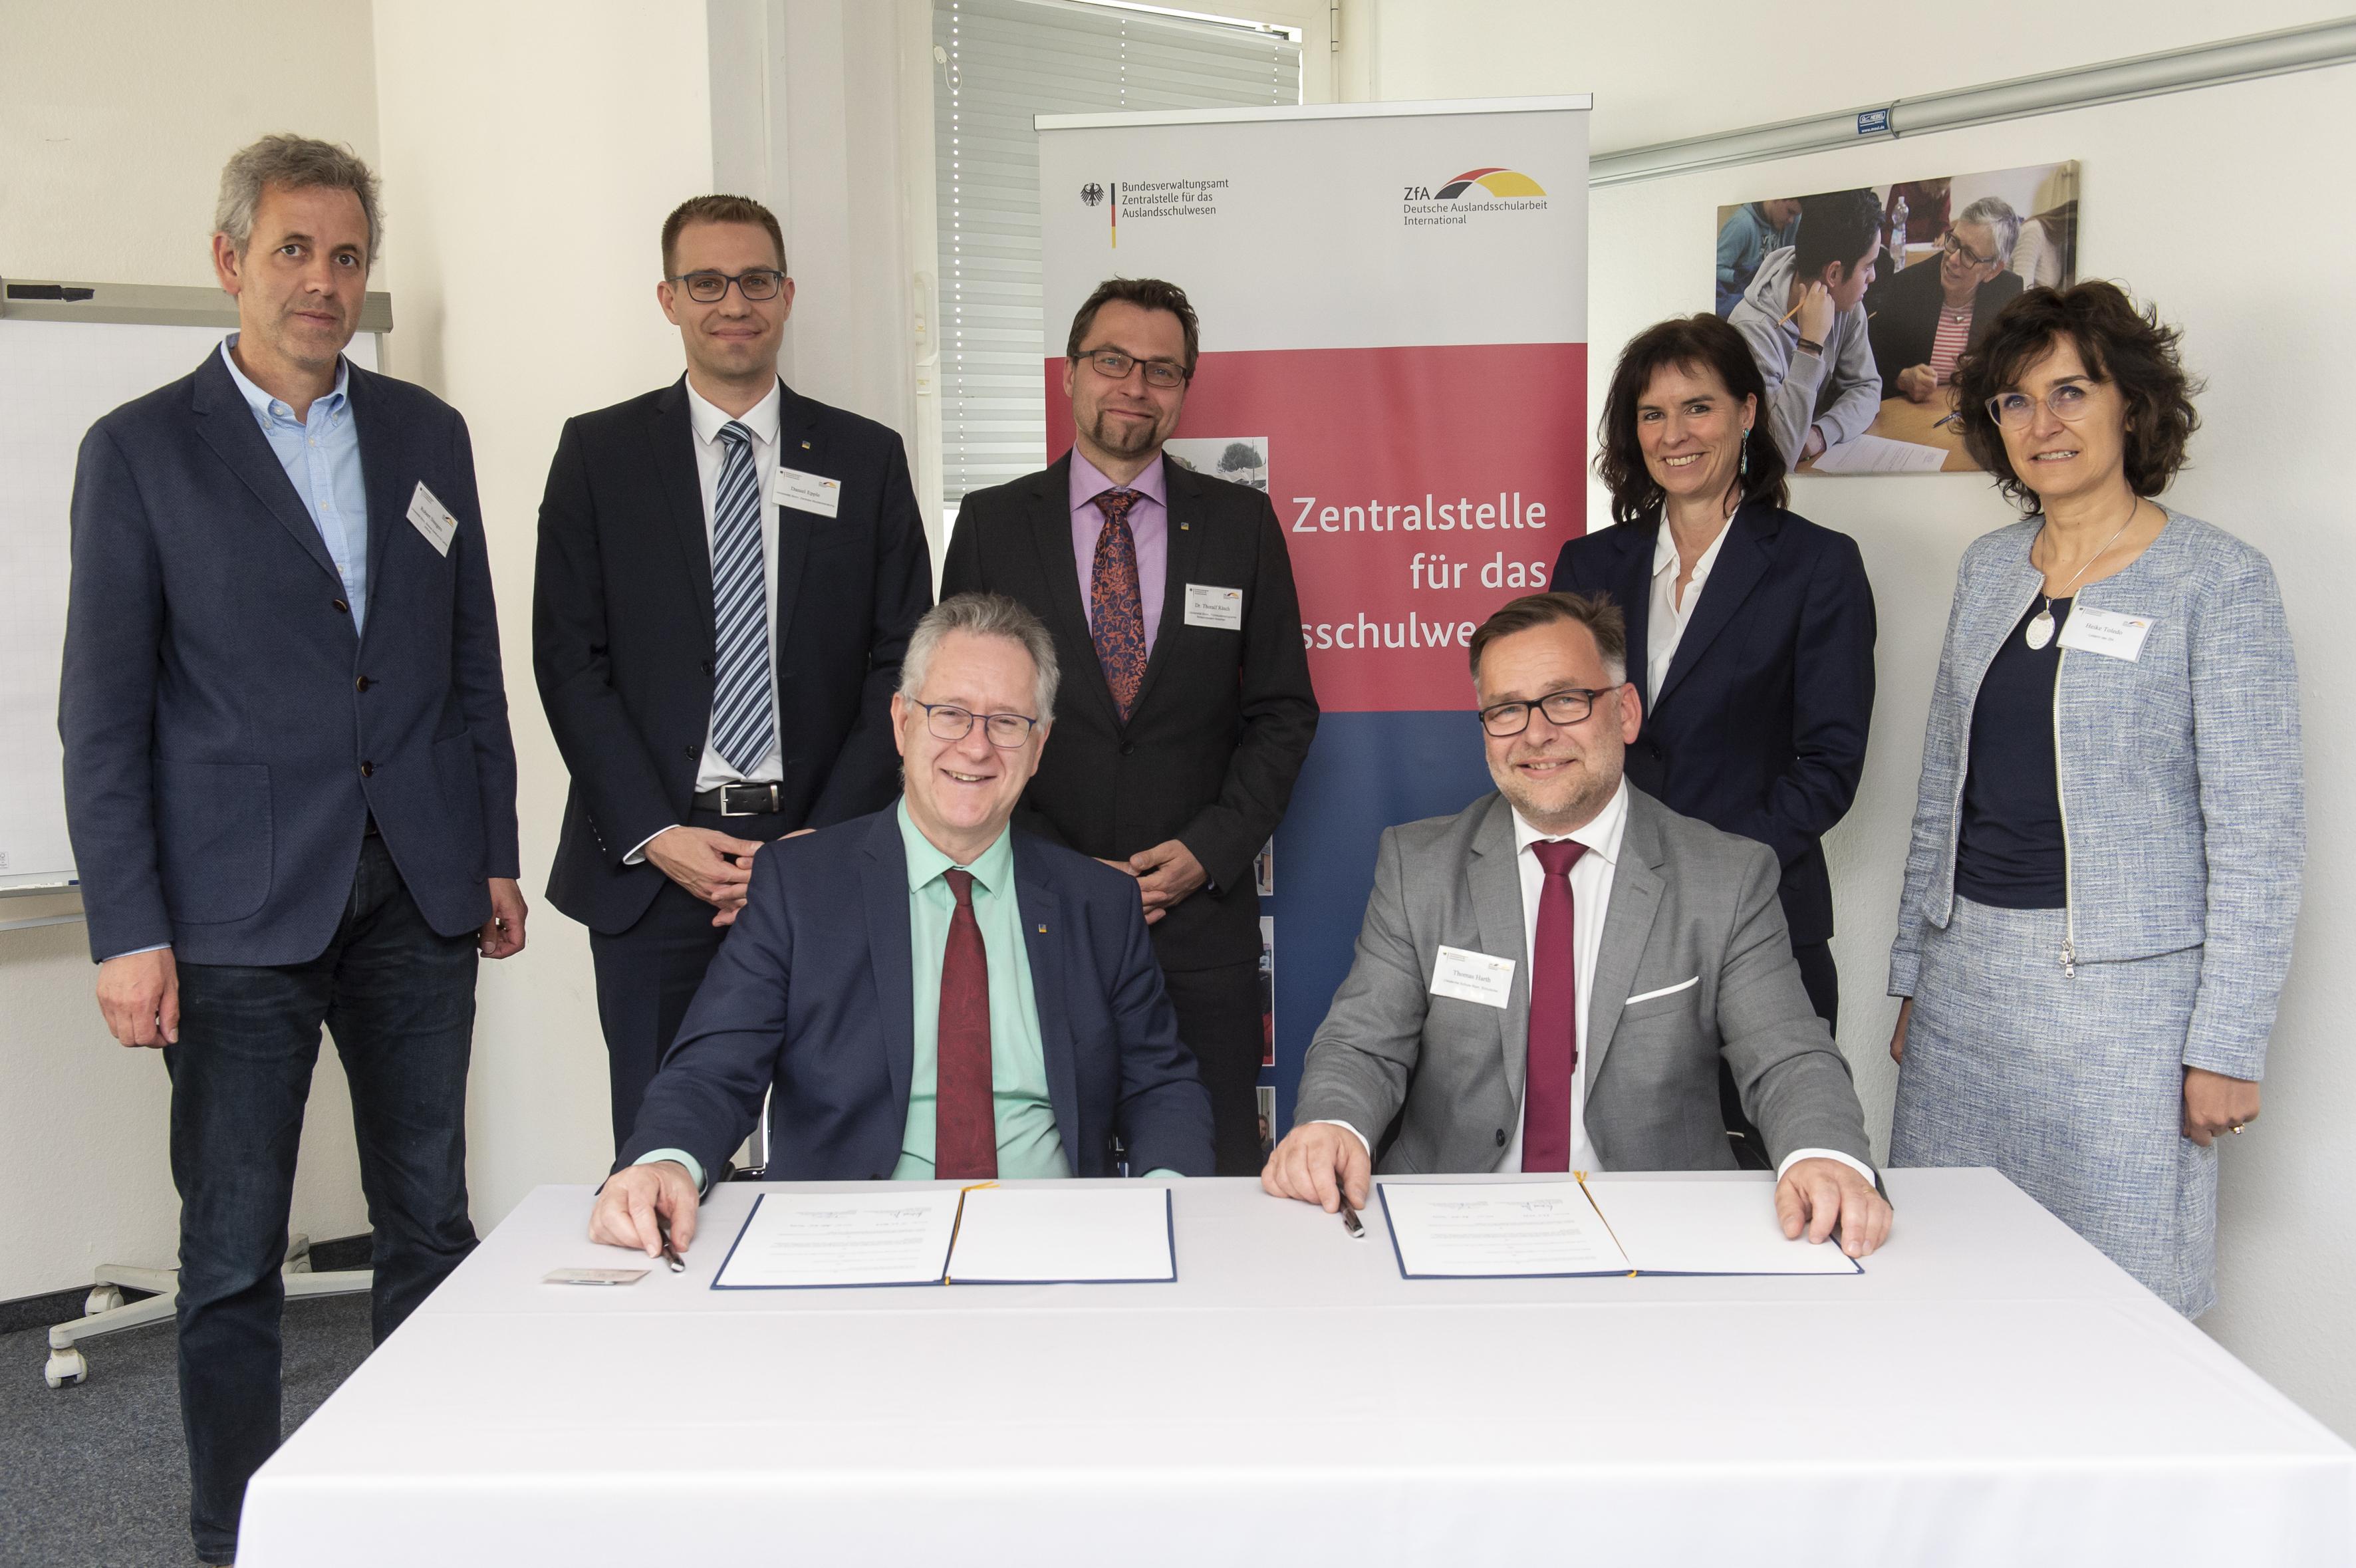 BZL kooperiert mit Deutscher Schule Rom